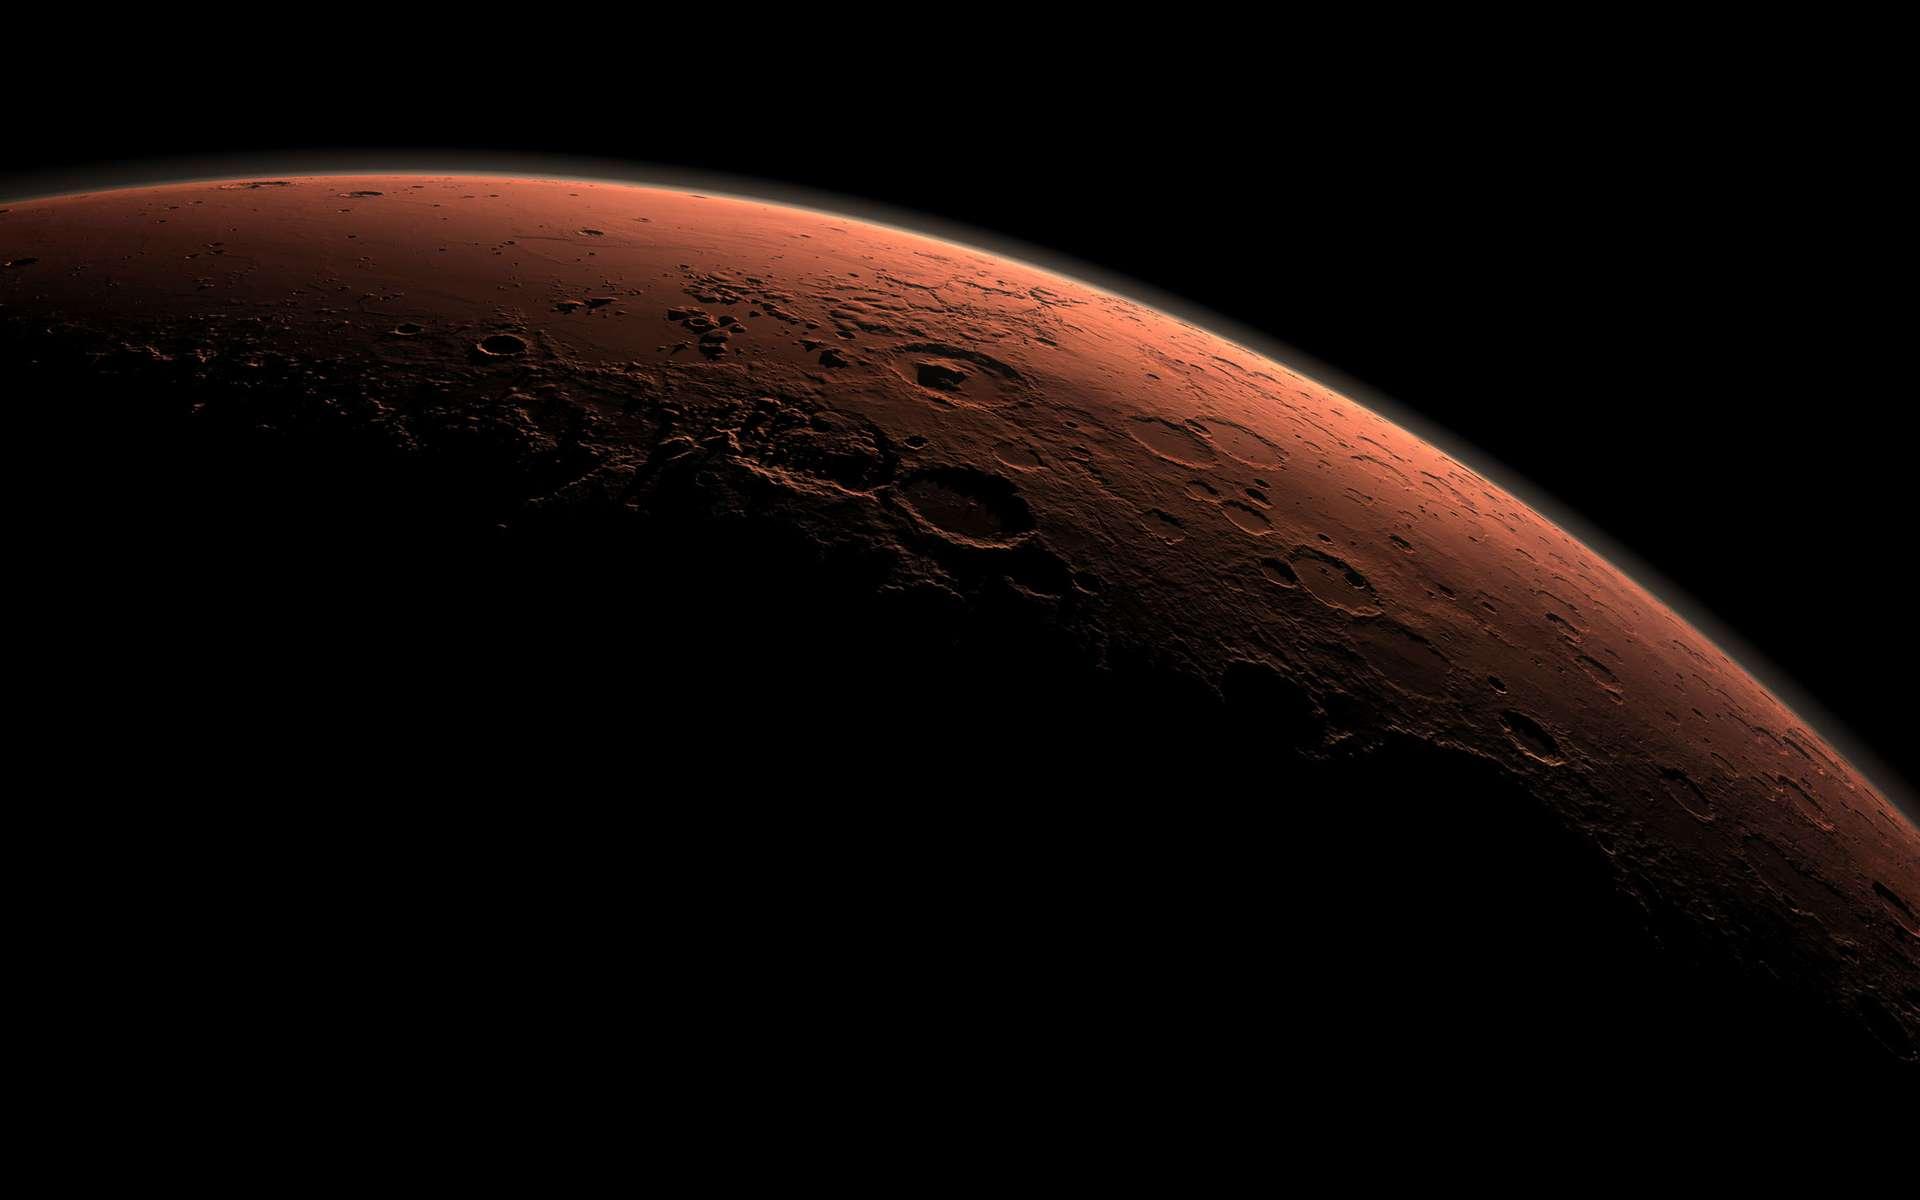 Y aura-t-il bientôt une ville sur Mars ? C'est en tout cas ce qu'envisagent les Émirats arabes unis. Ici, le cratère Gale sur le limbe de Mars, au lever du jour. © Nasa